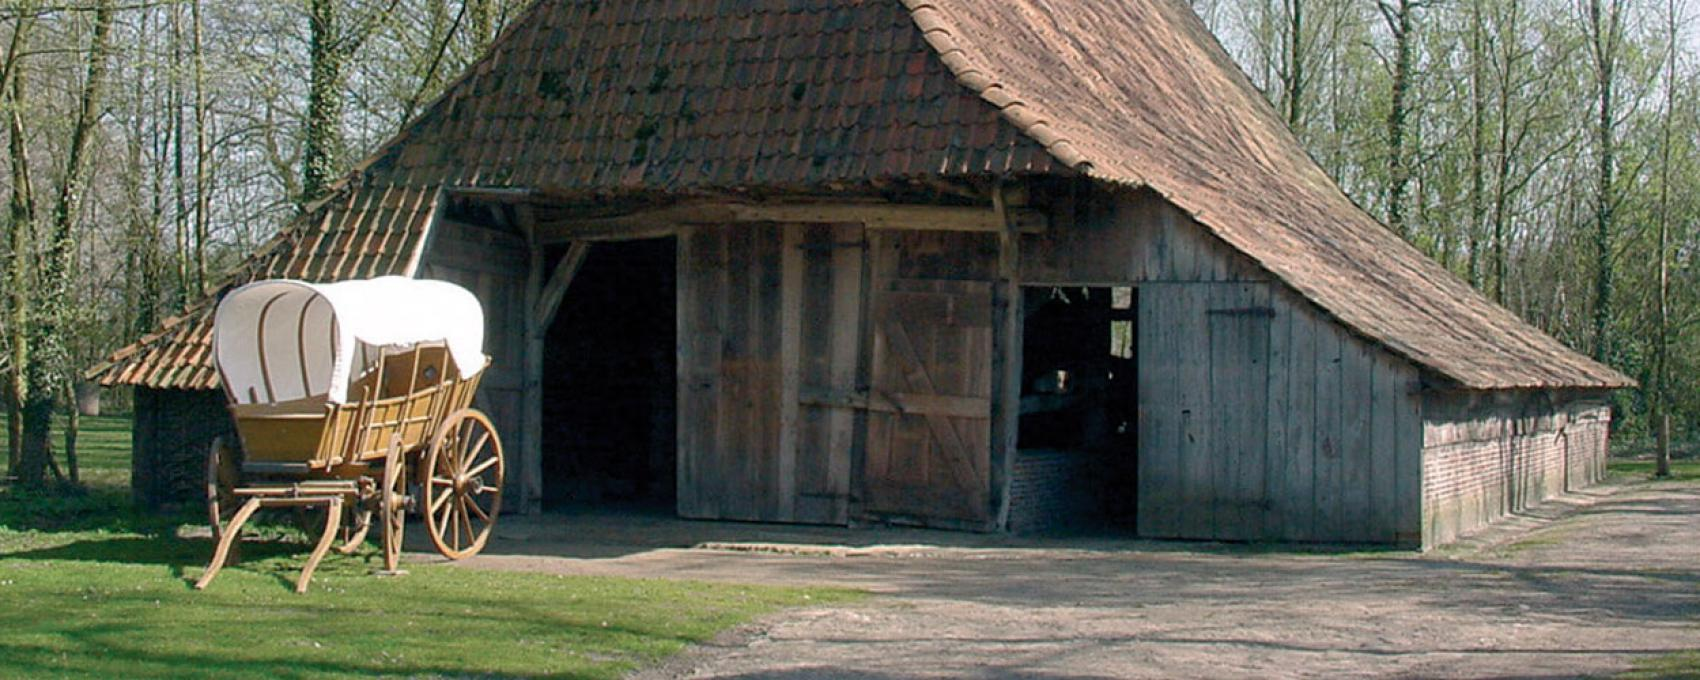 Museum Erve Kots